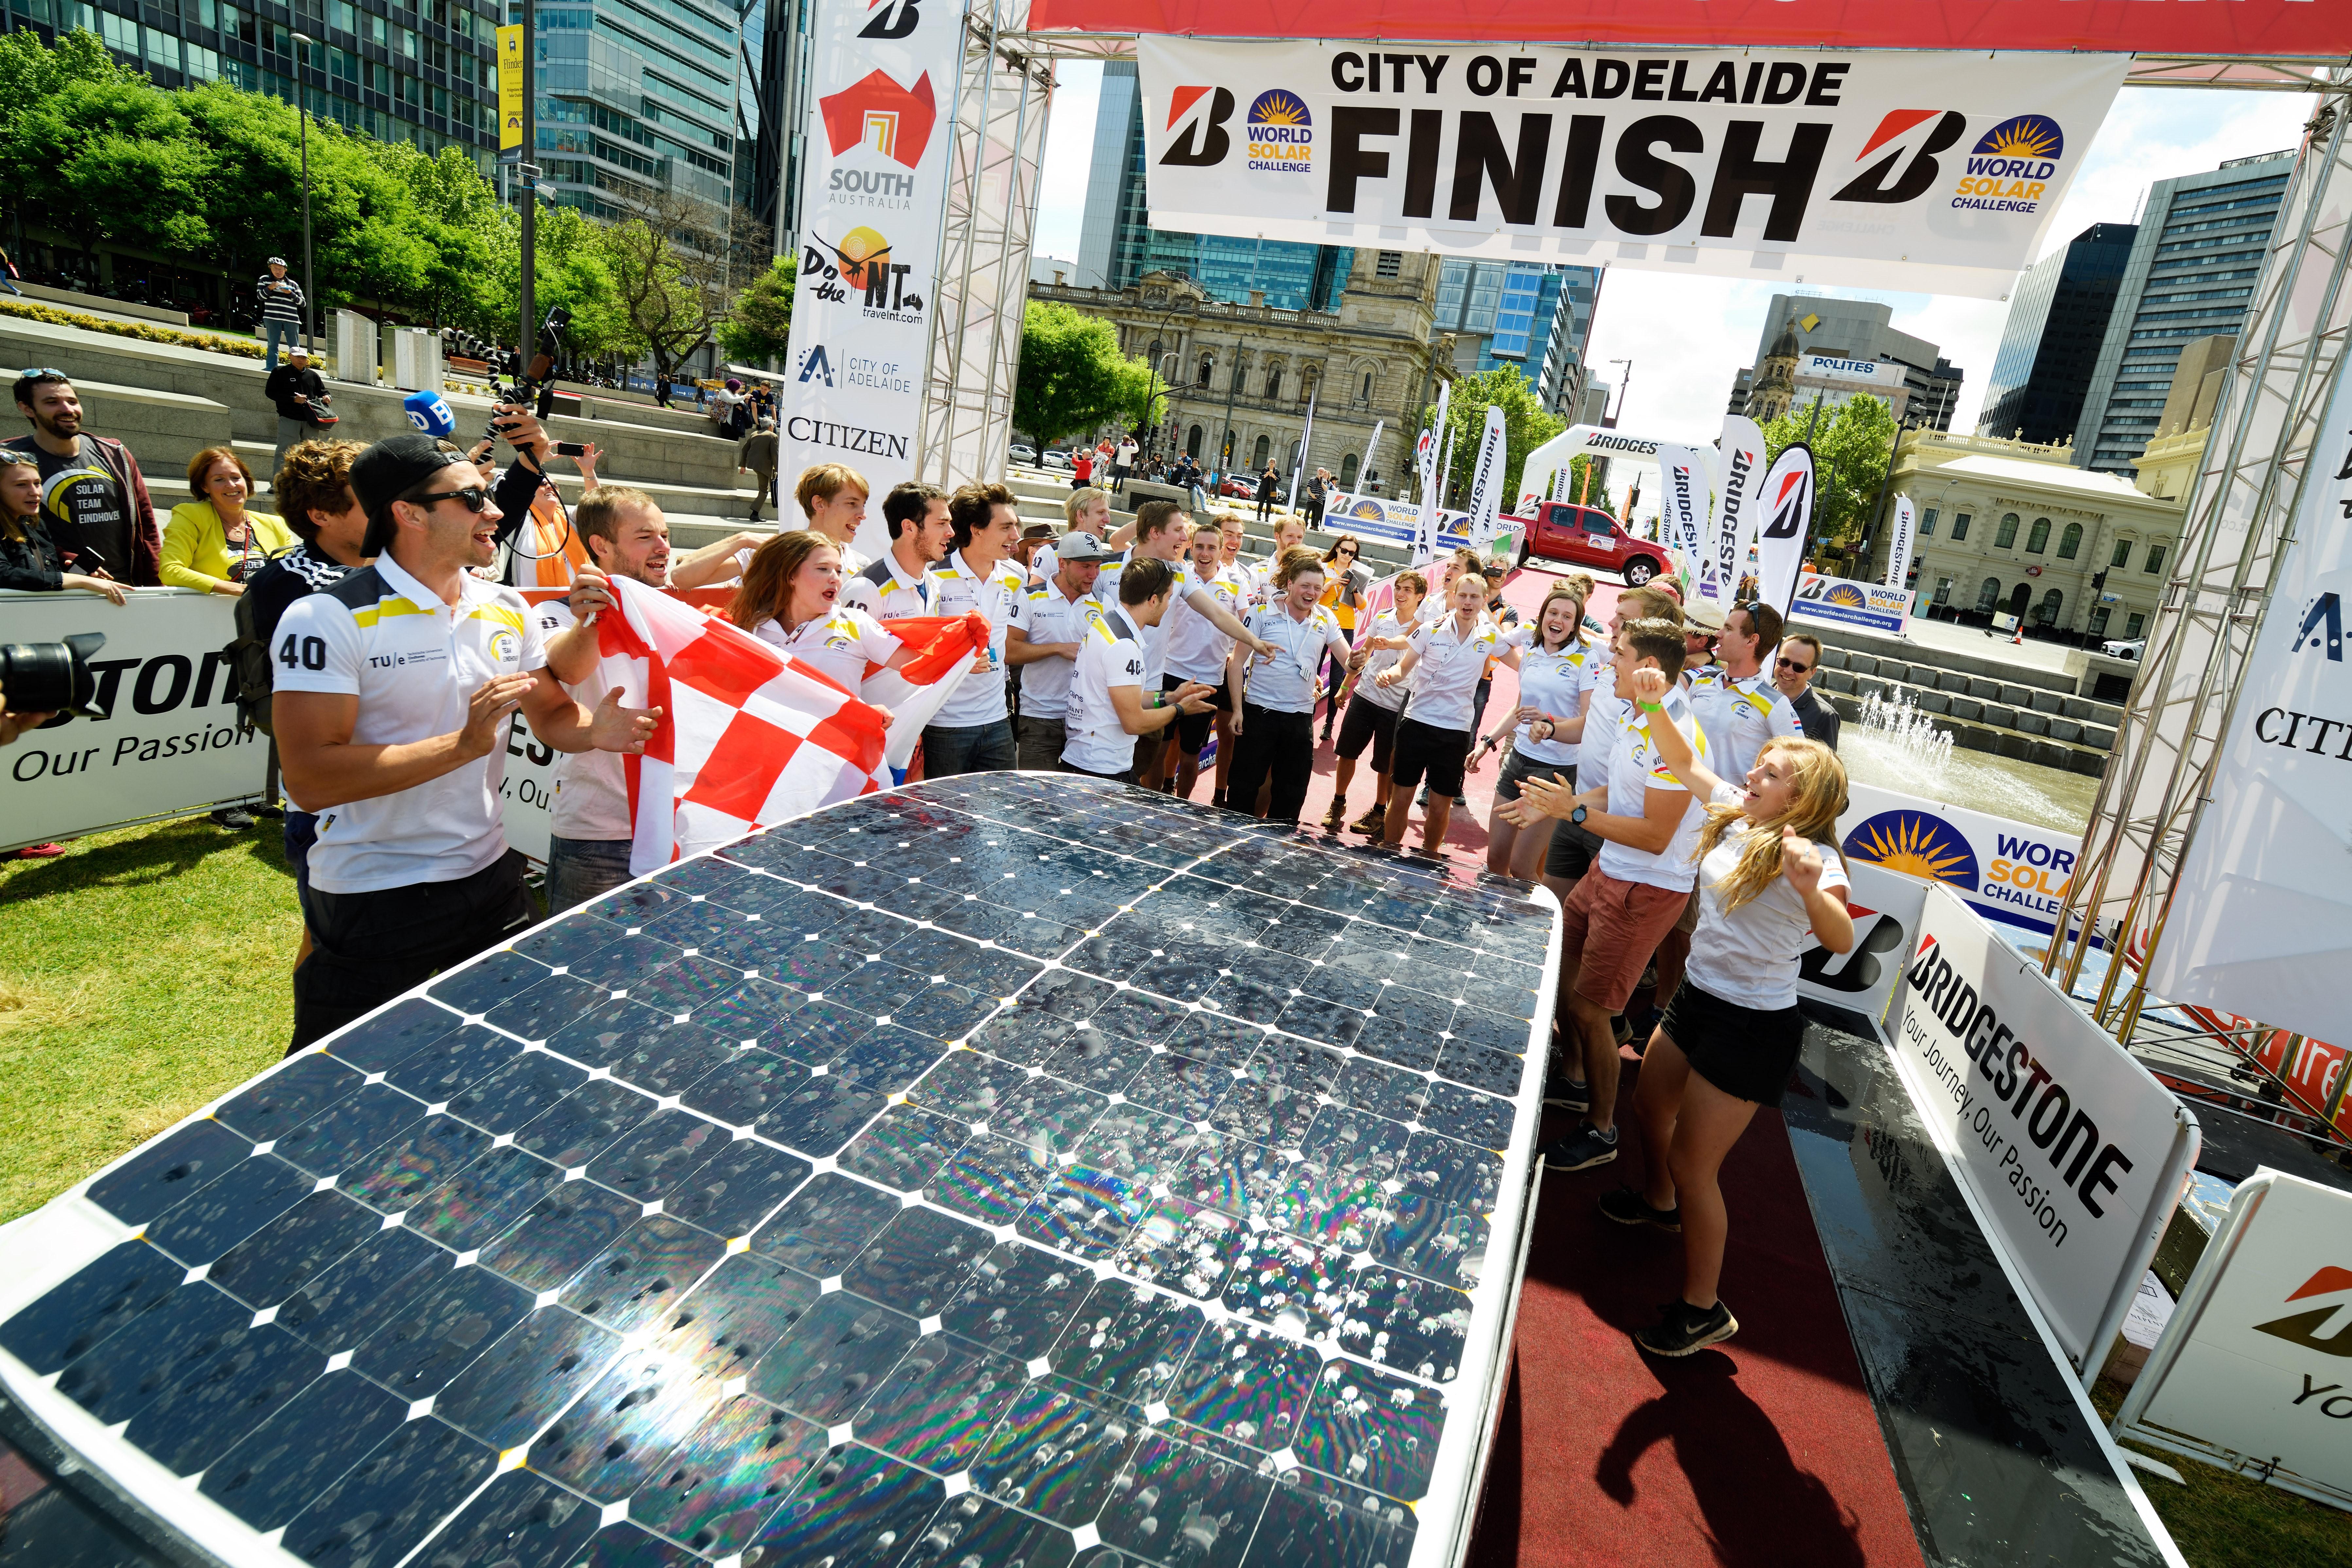 Het Solar-team van de TU in Eindhoven is ook van de partij in De Beuk. (Foto: aangeleverd)